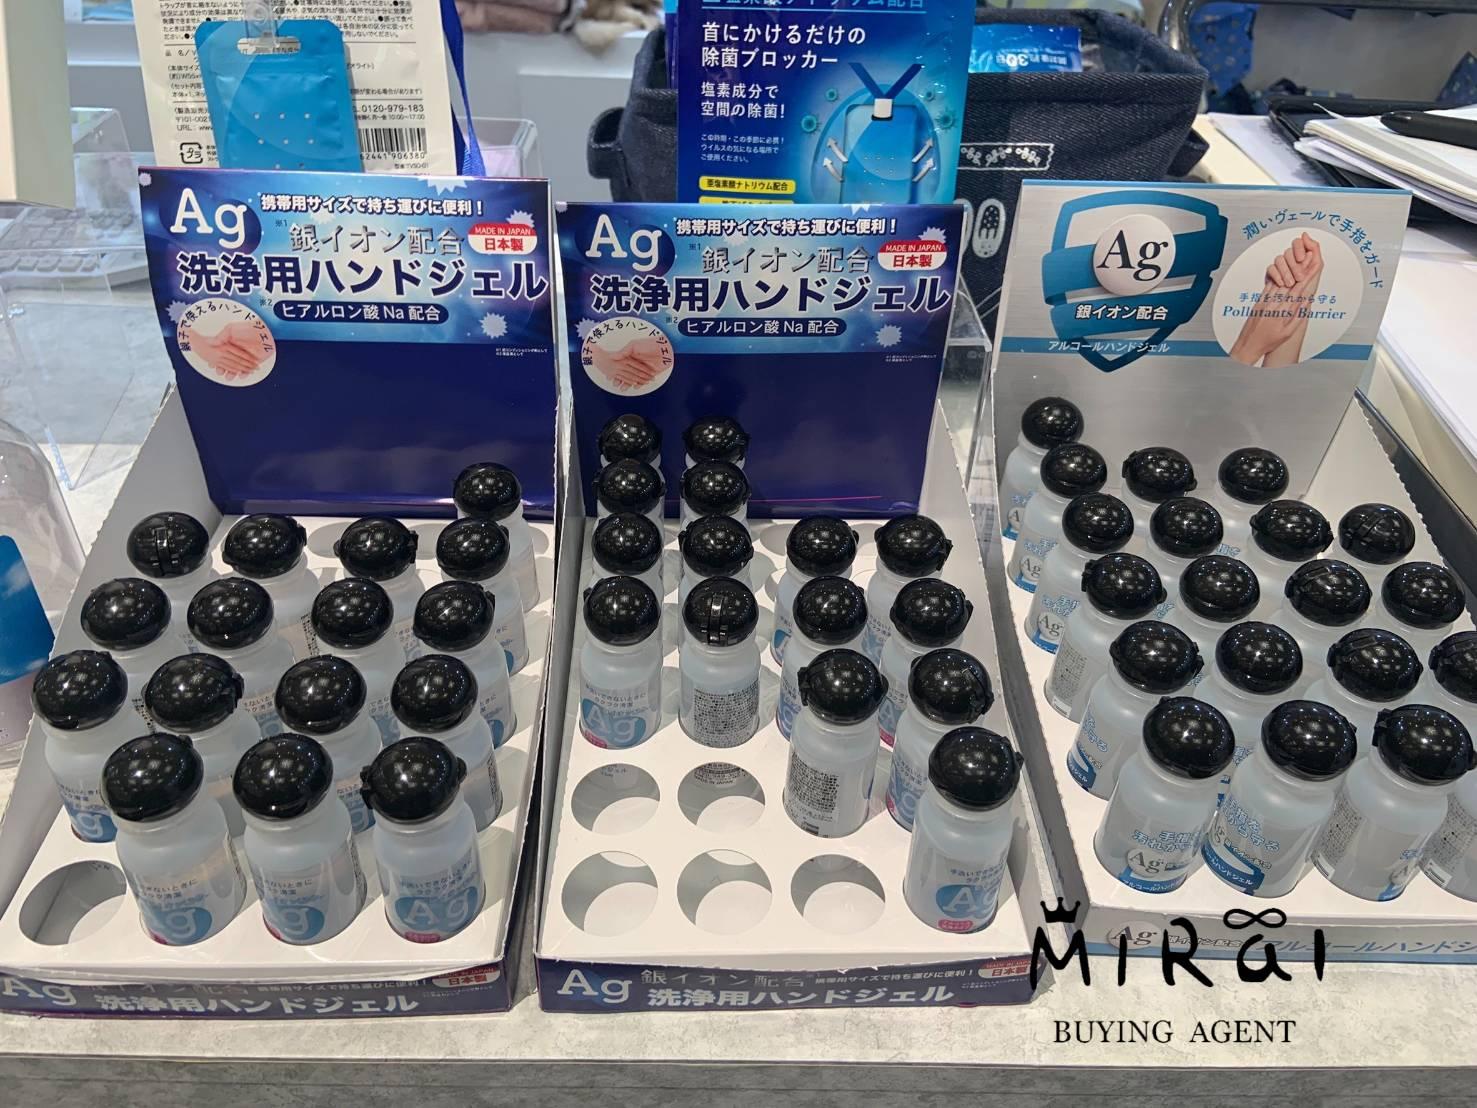 《現貨》日本-防疫品 銀離子乾洗手凝膠 日本原裝 AG銀離子乾洗手 開學必備 抗菌消毒凝膠 隨身瓶 攜帶方便 25ml